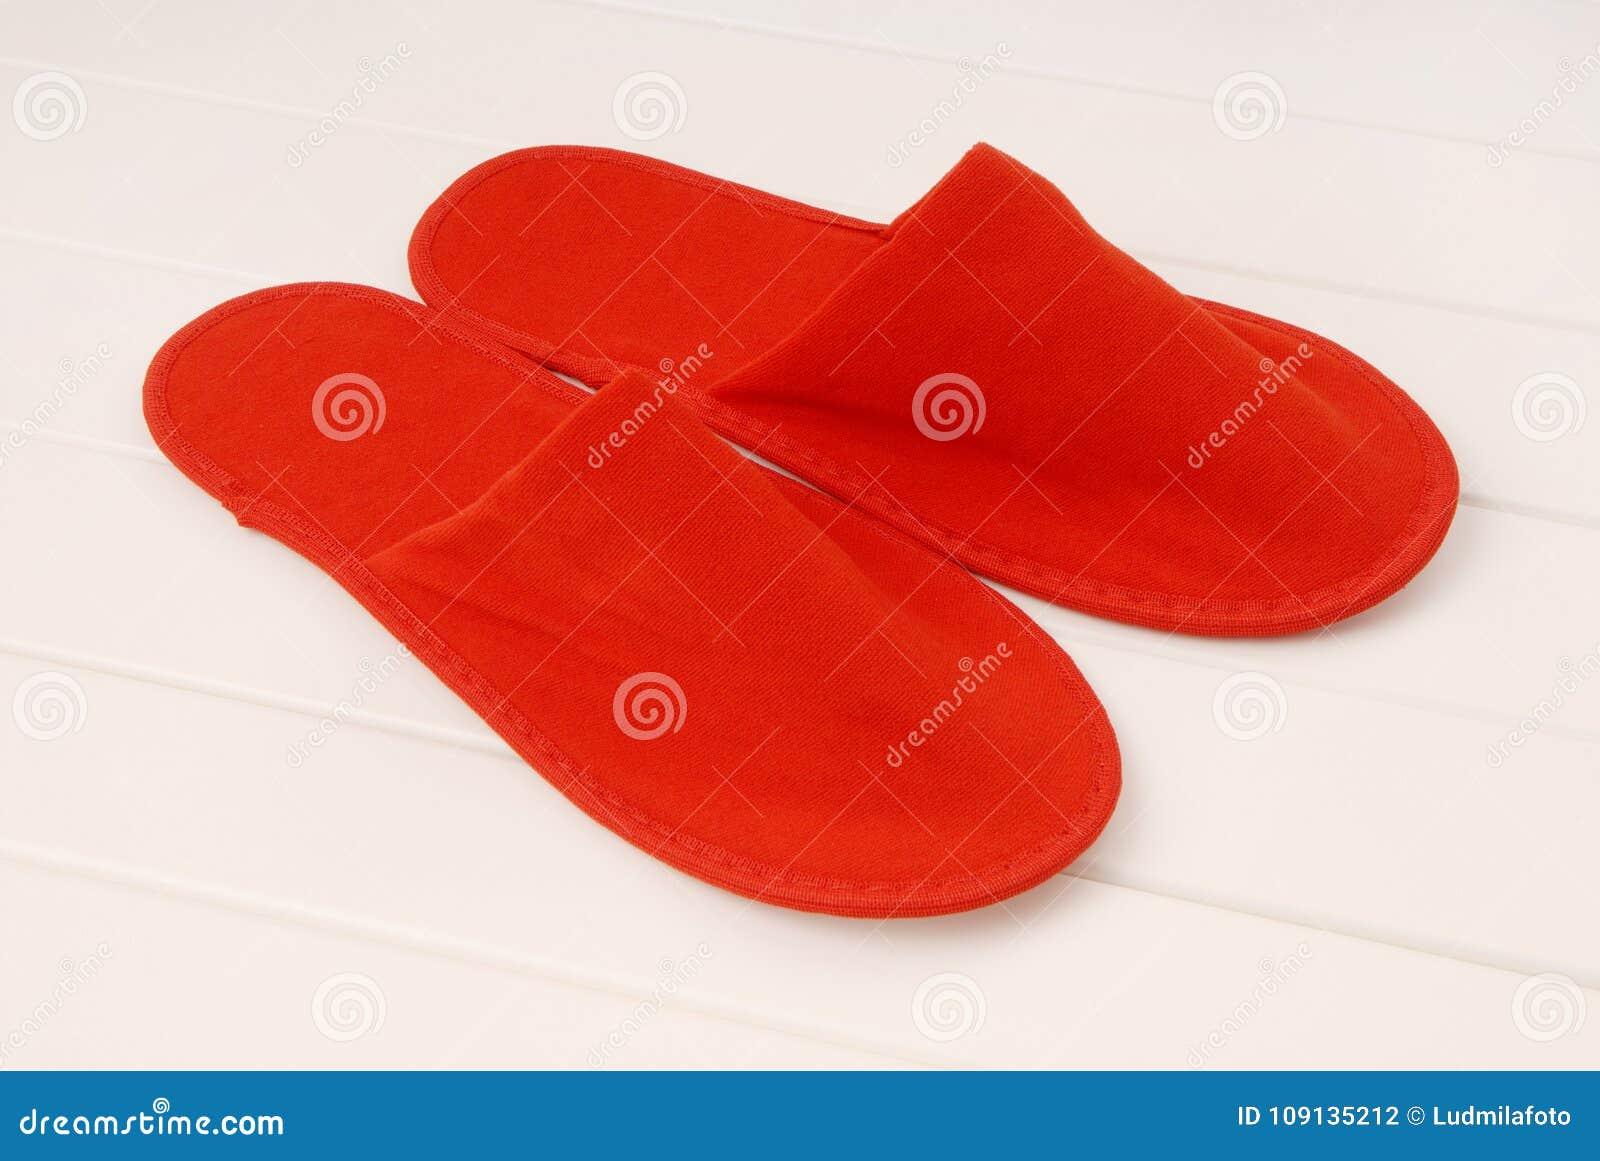 goditi la spedizione in omaggio fabbrica preordinare Le Pantofole Rosse Dall'hotel, Pantofole Rosse Dall ...